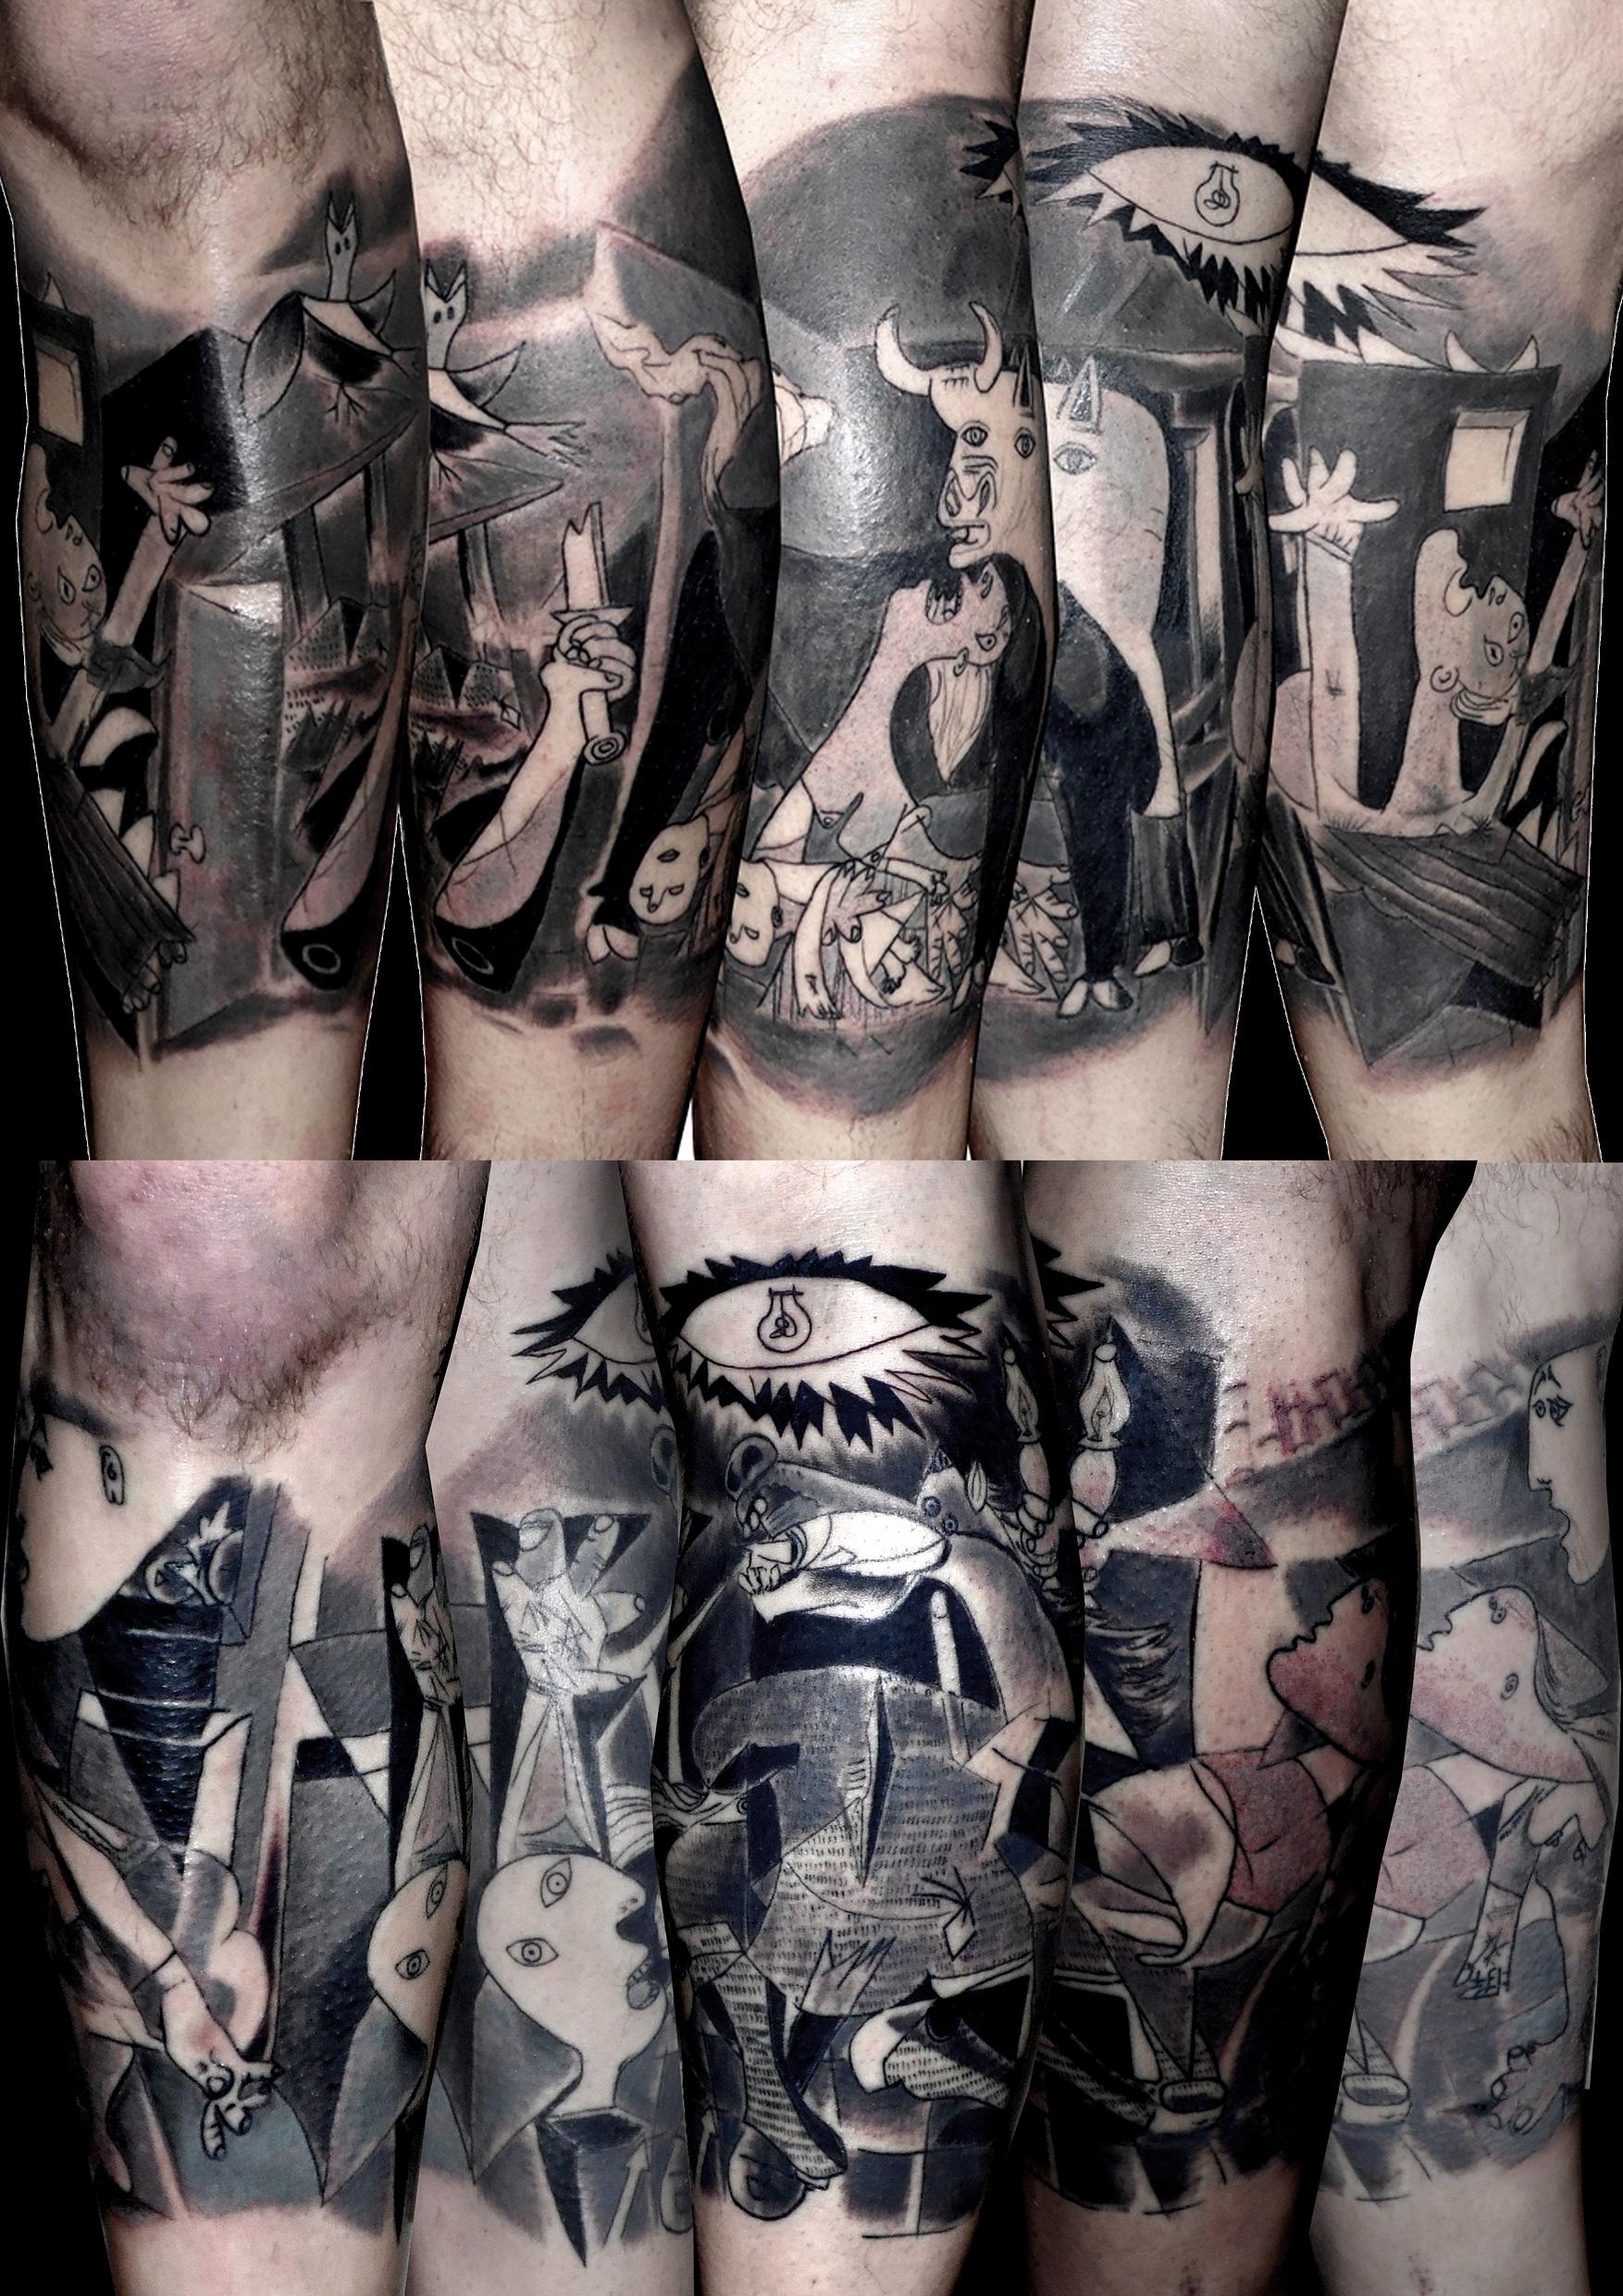 tatuaje cuadro gernika picasso piernas gernica 13depicas jaca huesca